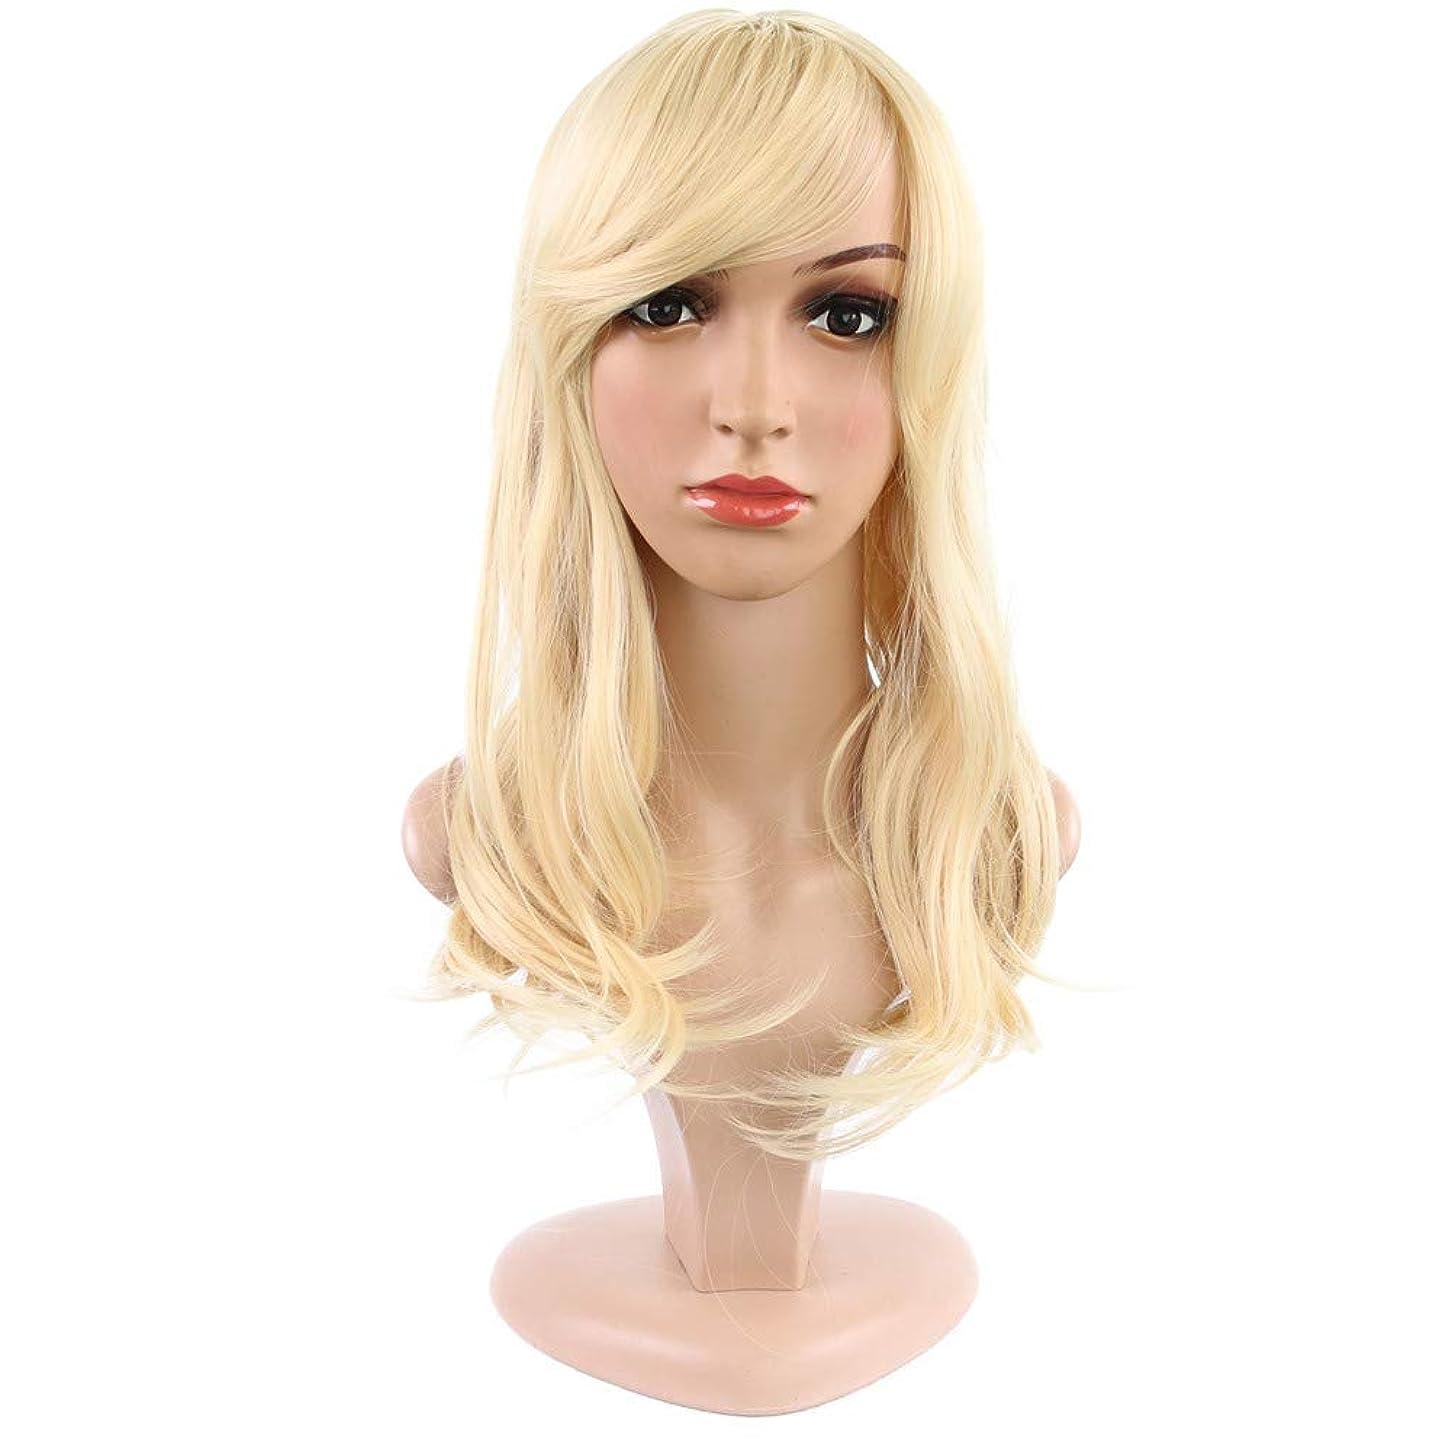 くタイル短くする女性用かつらふわふわのかつらでリアルなかつら長いかつら耐熱かつらライトゴールド43cm